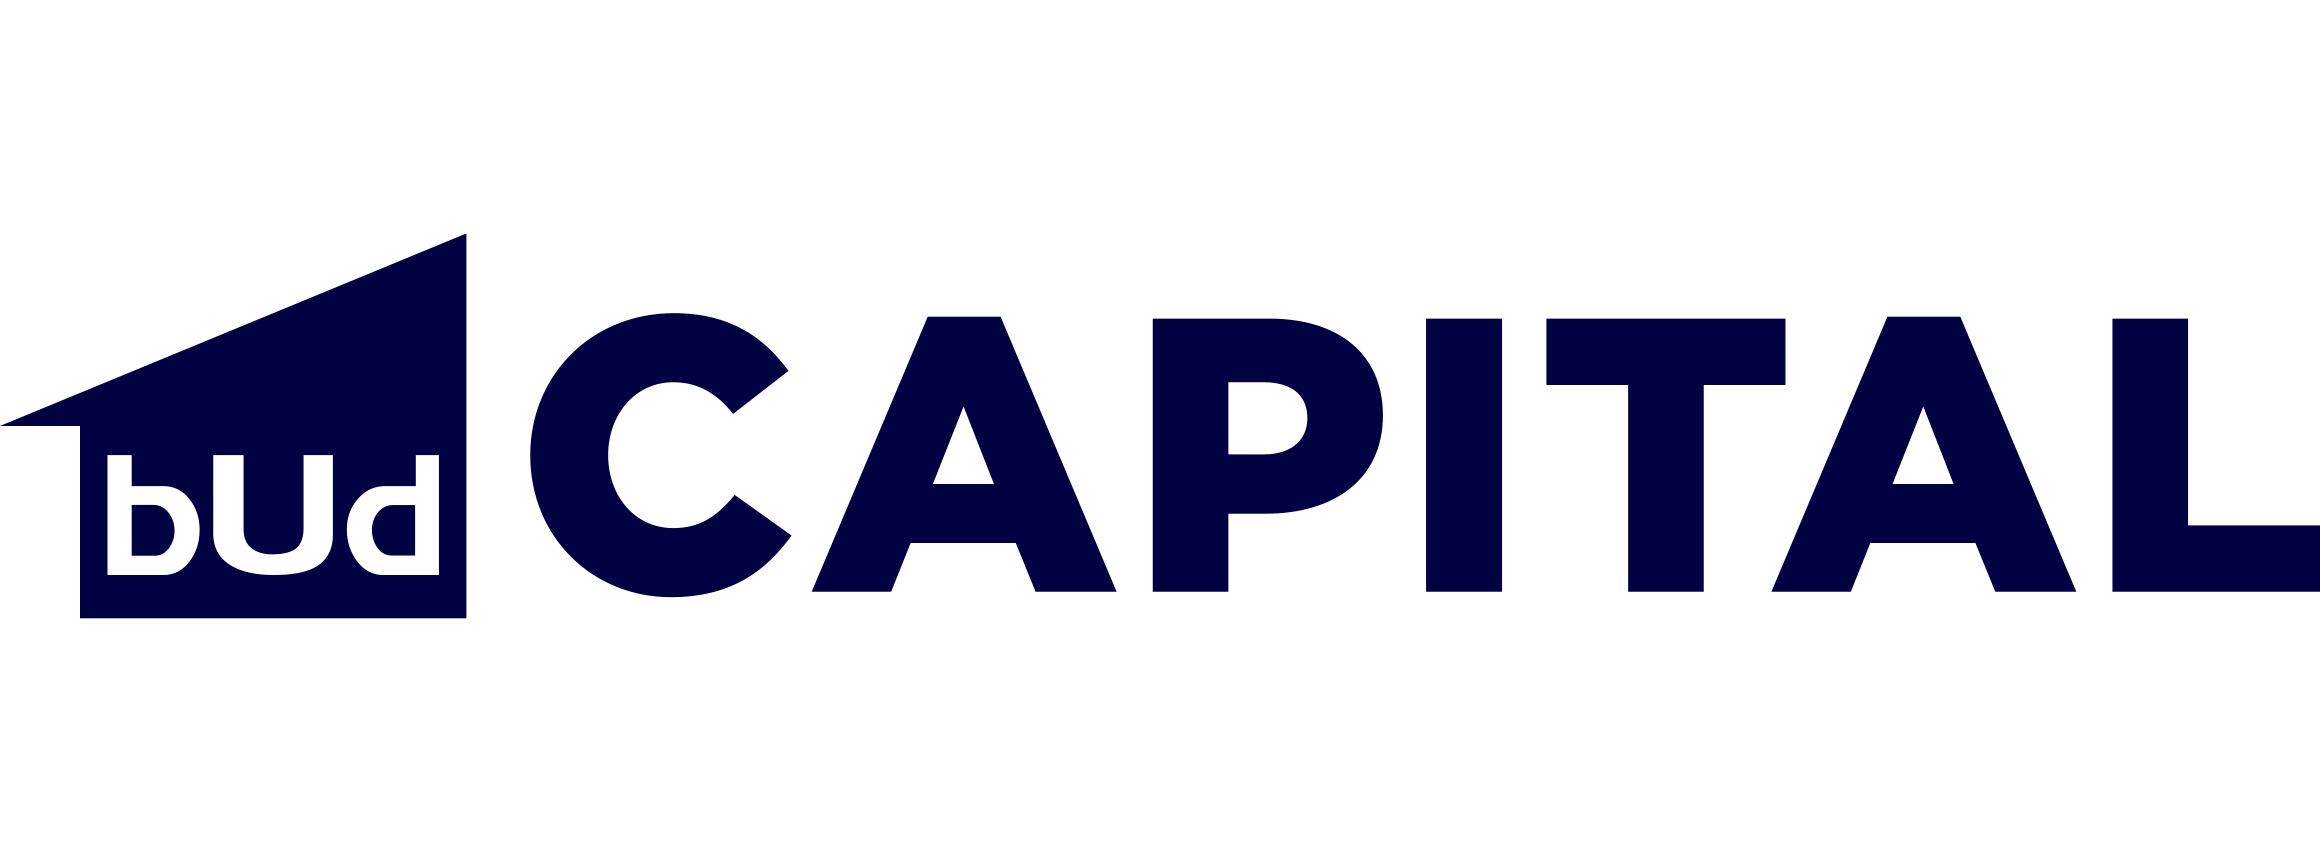 Компанія BudCapital відкриває оновлений офіс продажів